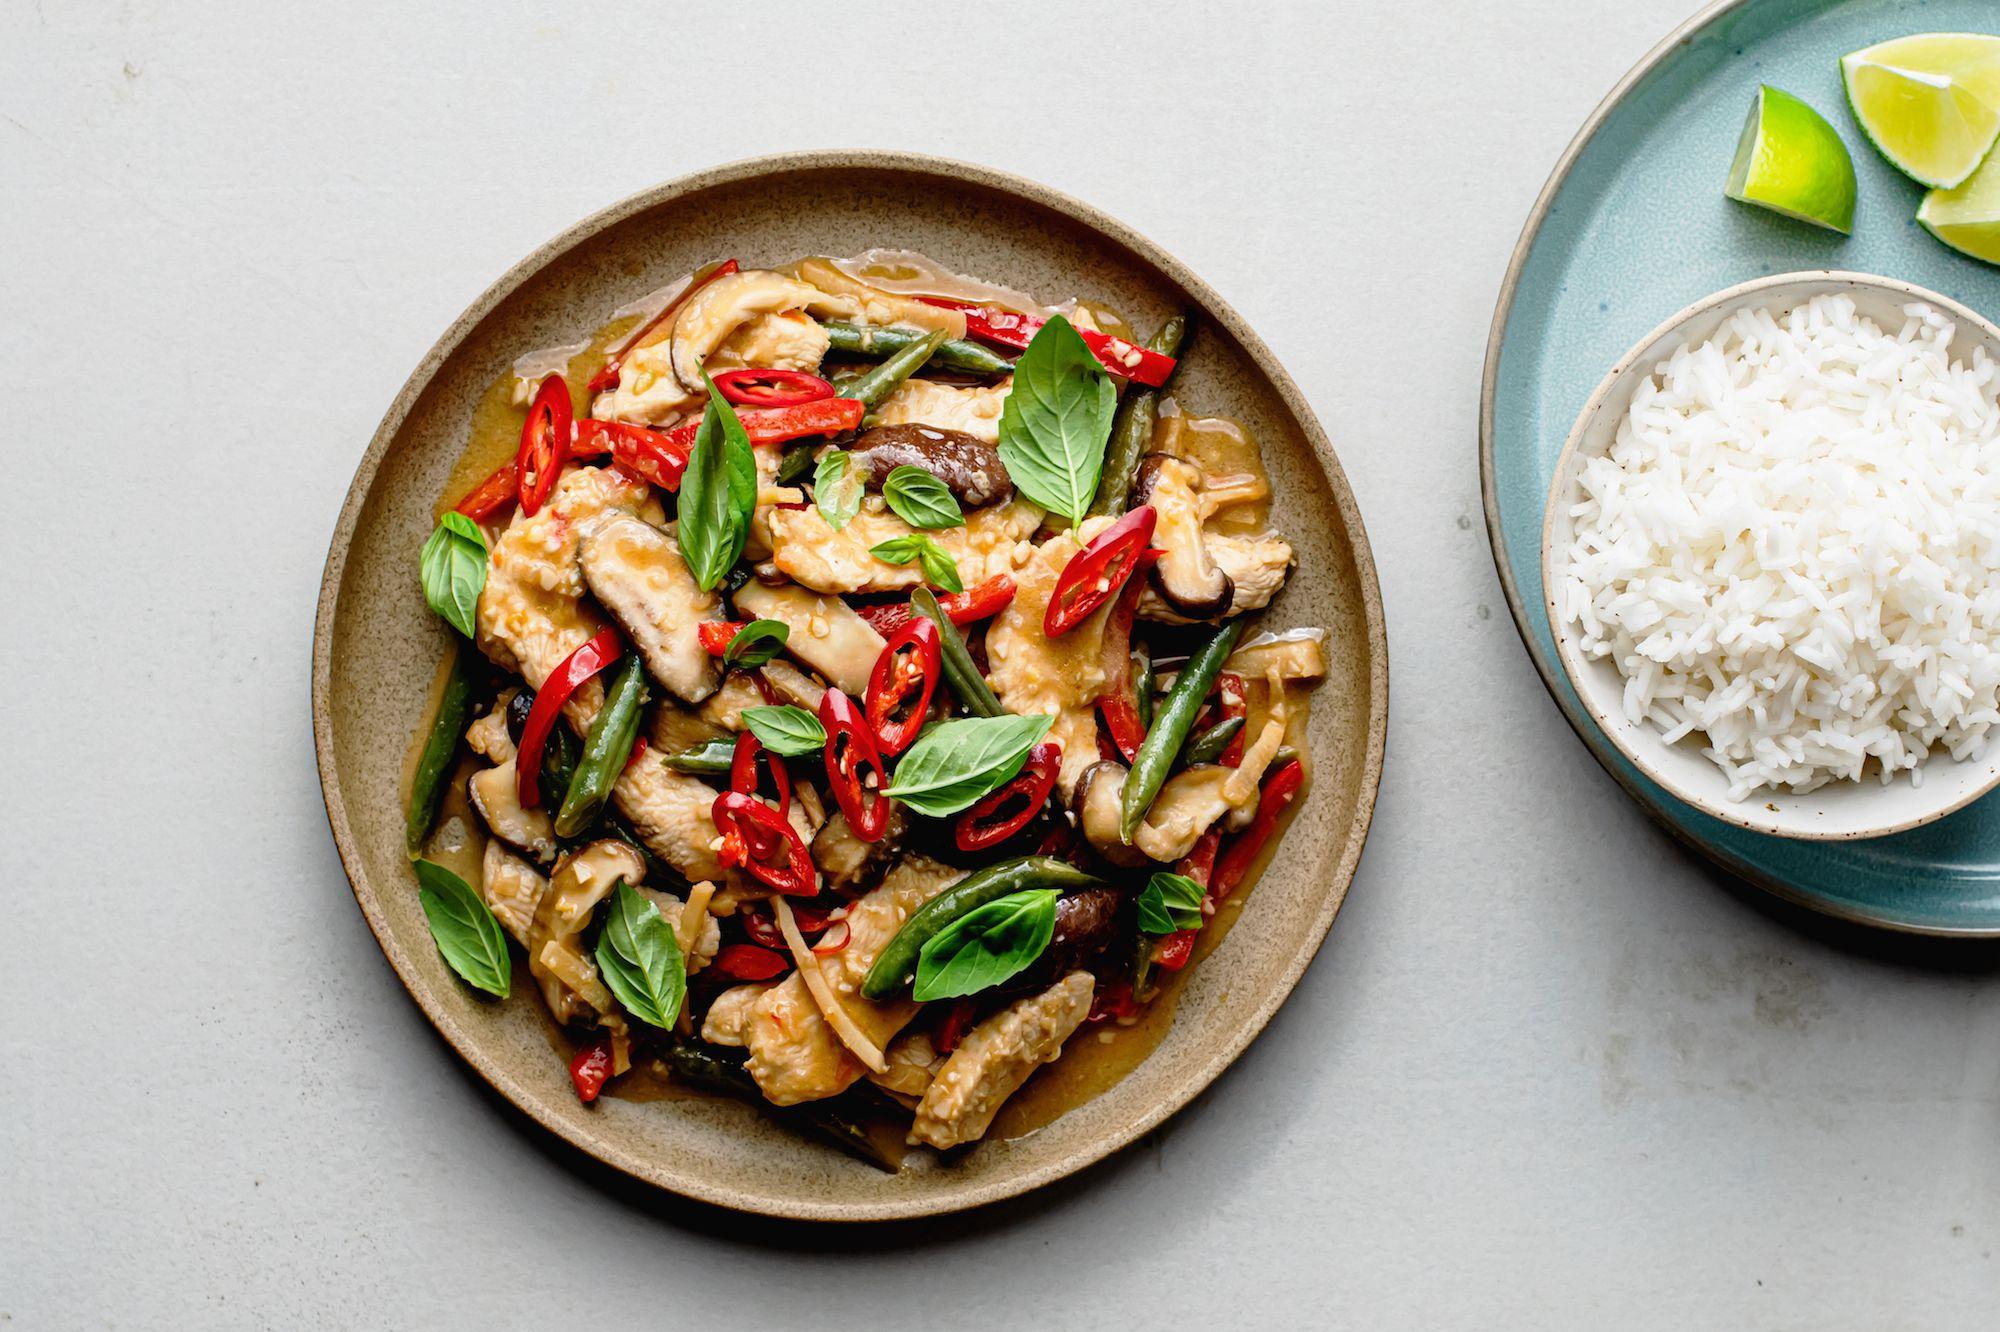 Thai Chicken Stir Fry Recipe With Coconut